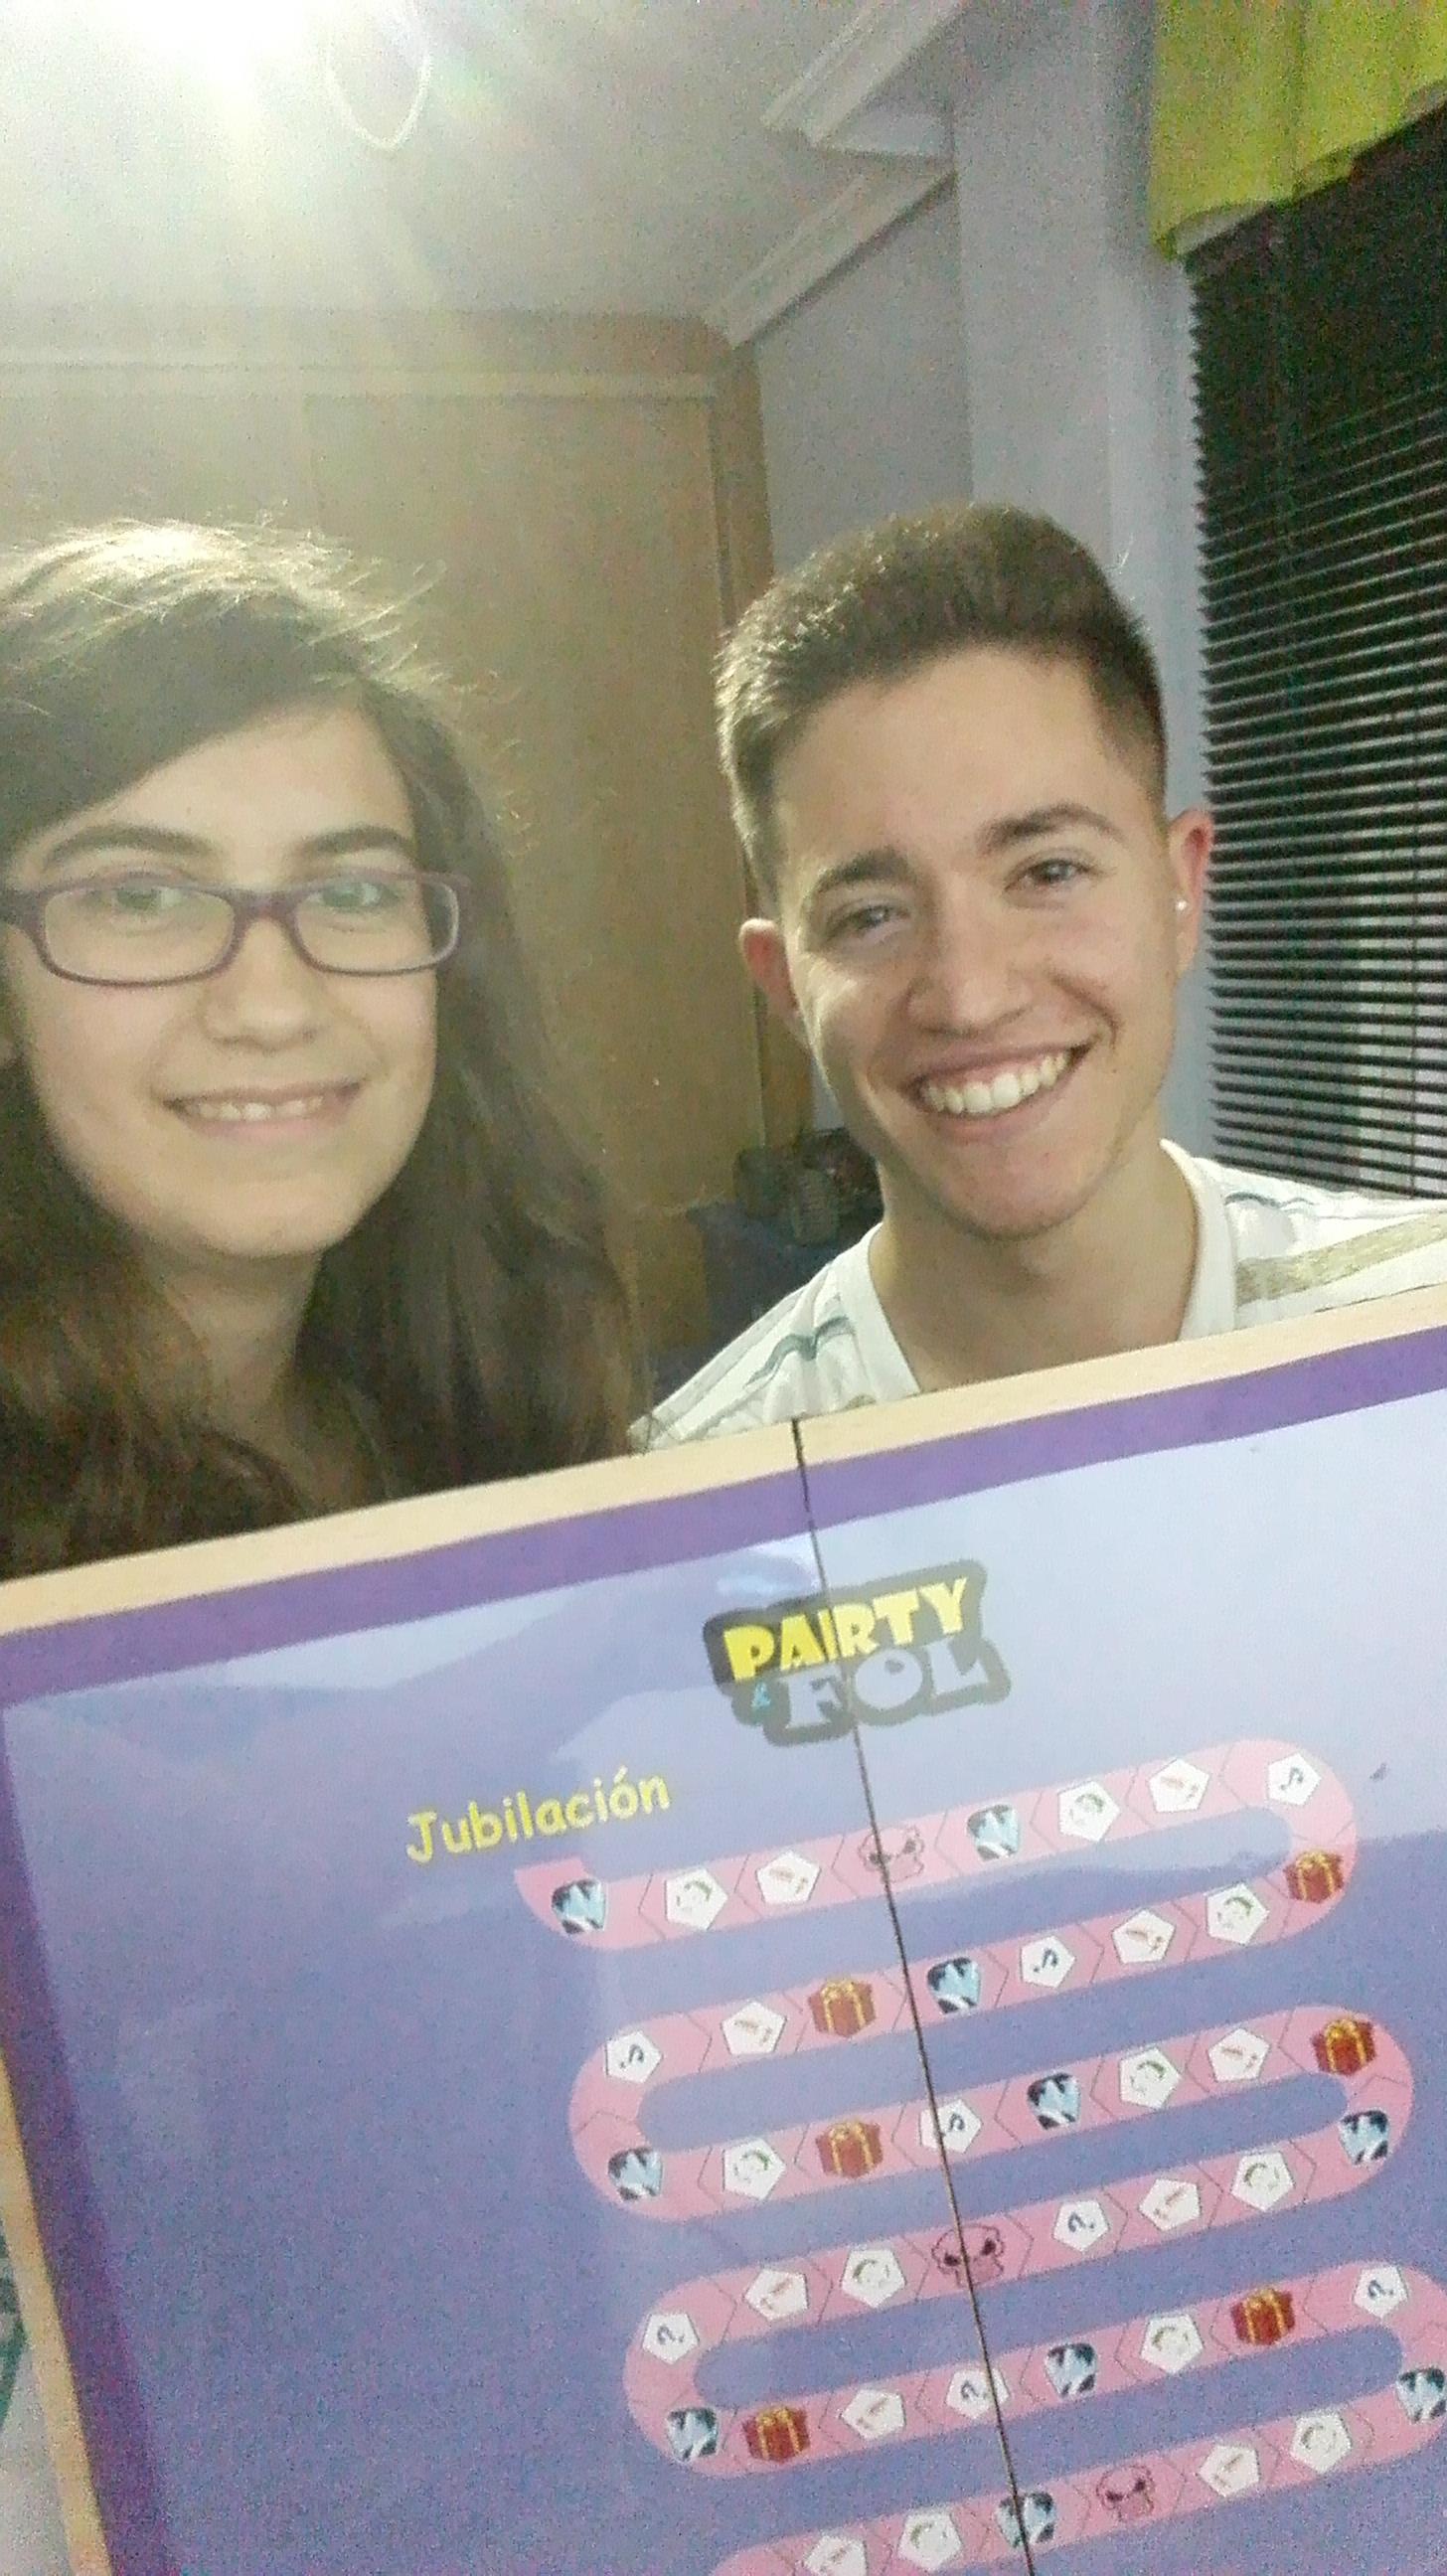 PARTYANDFOL: Una experiencia de gamificación en FOL